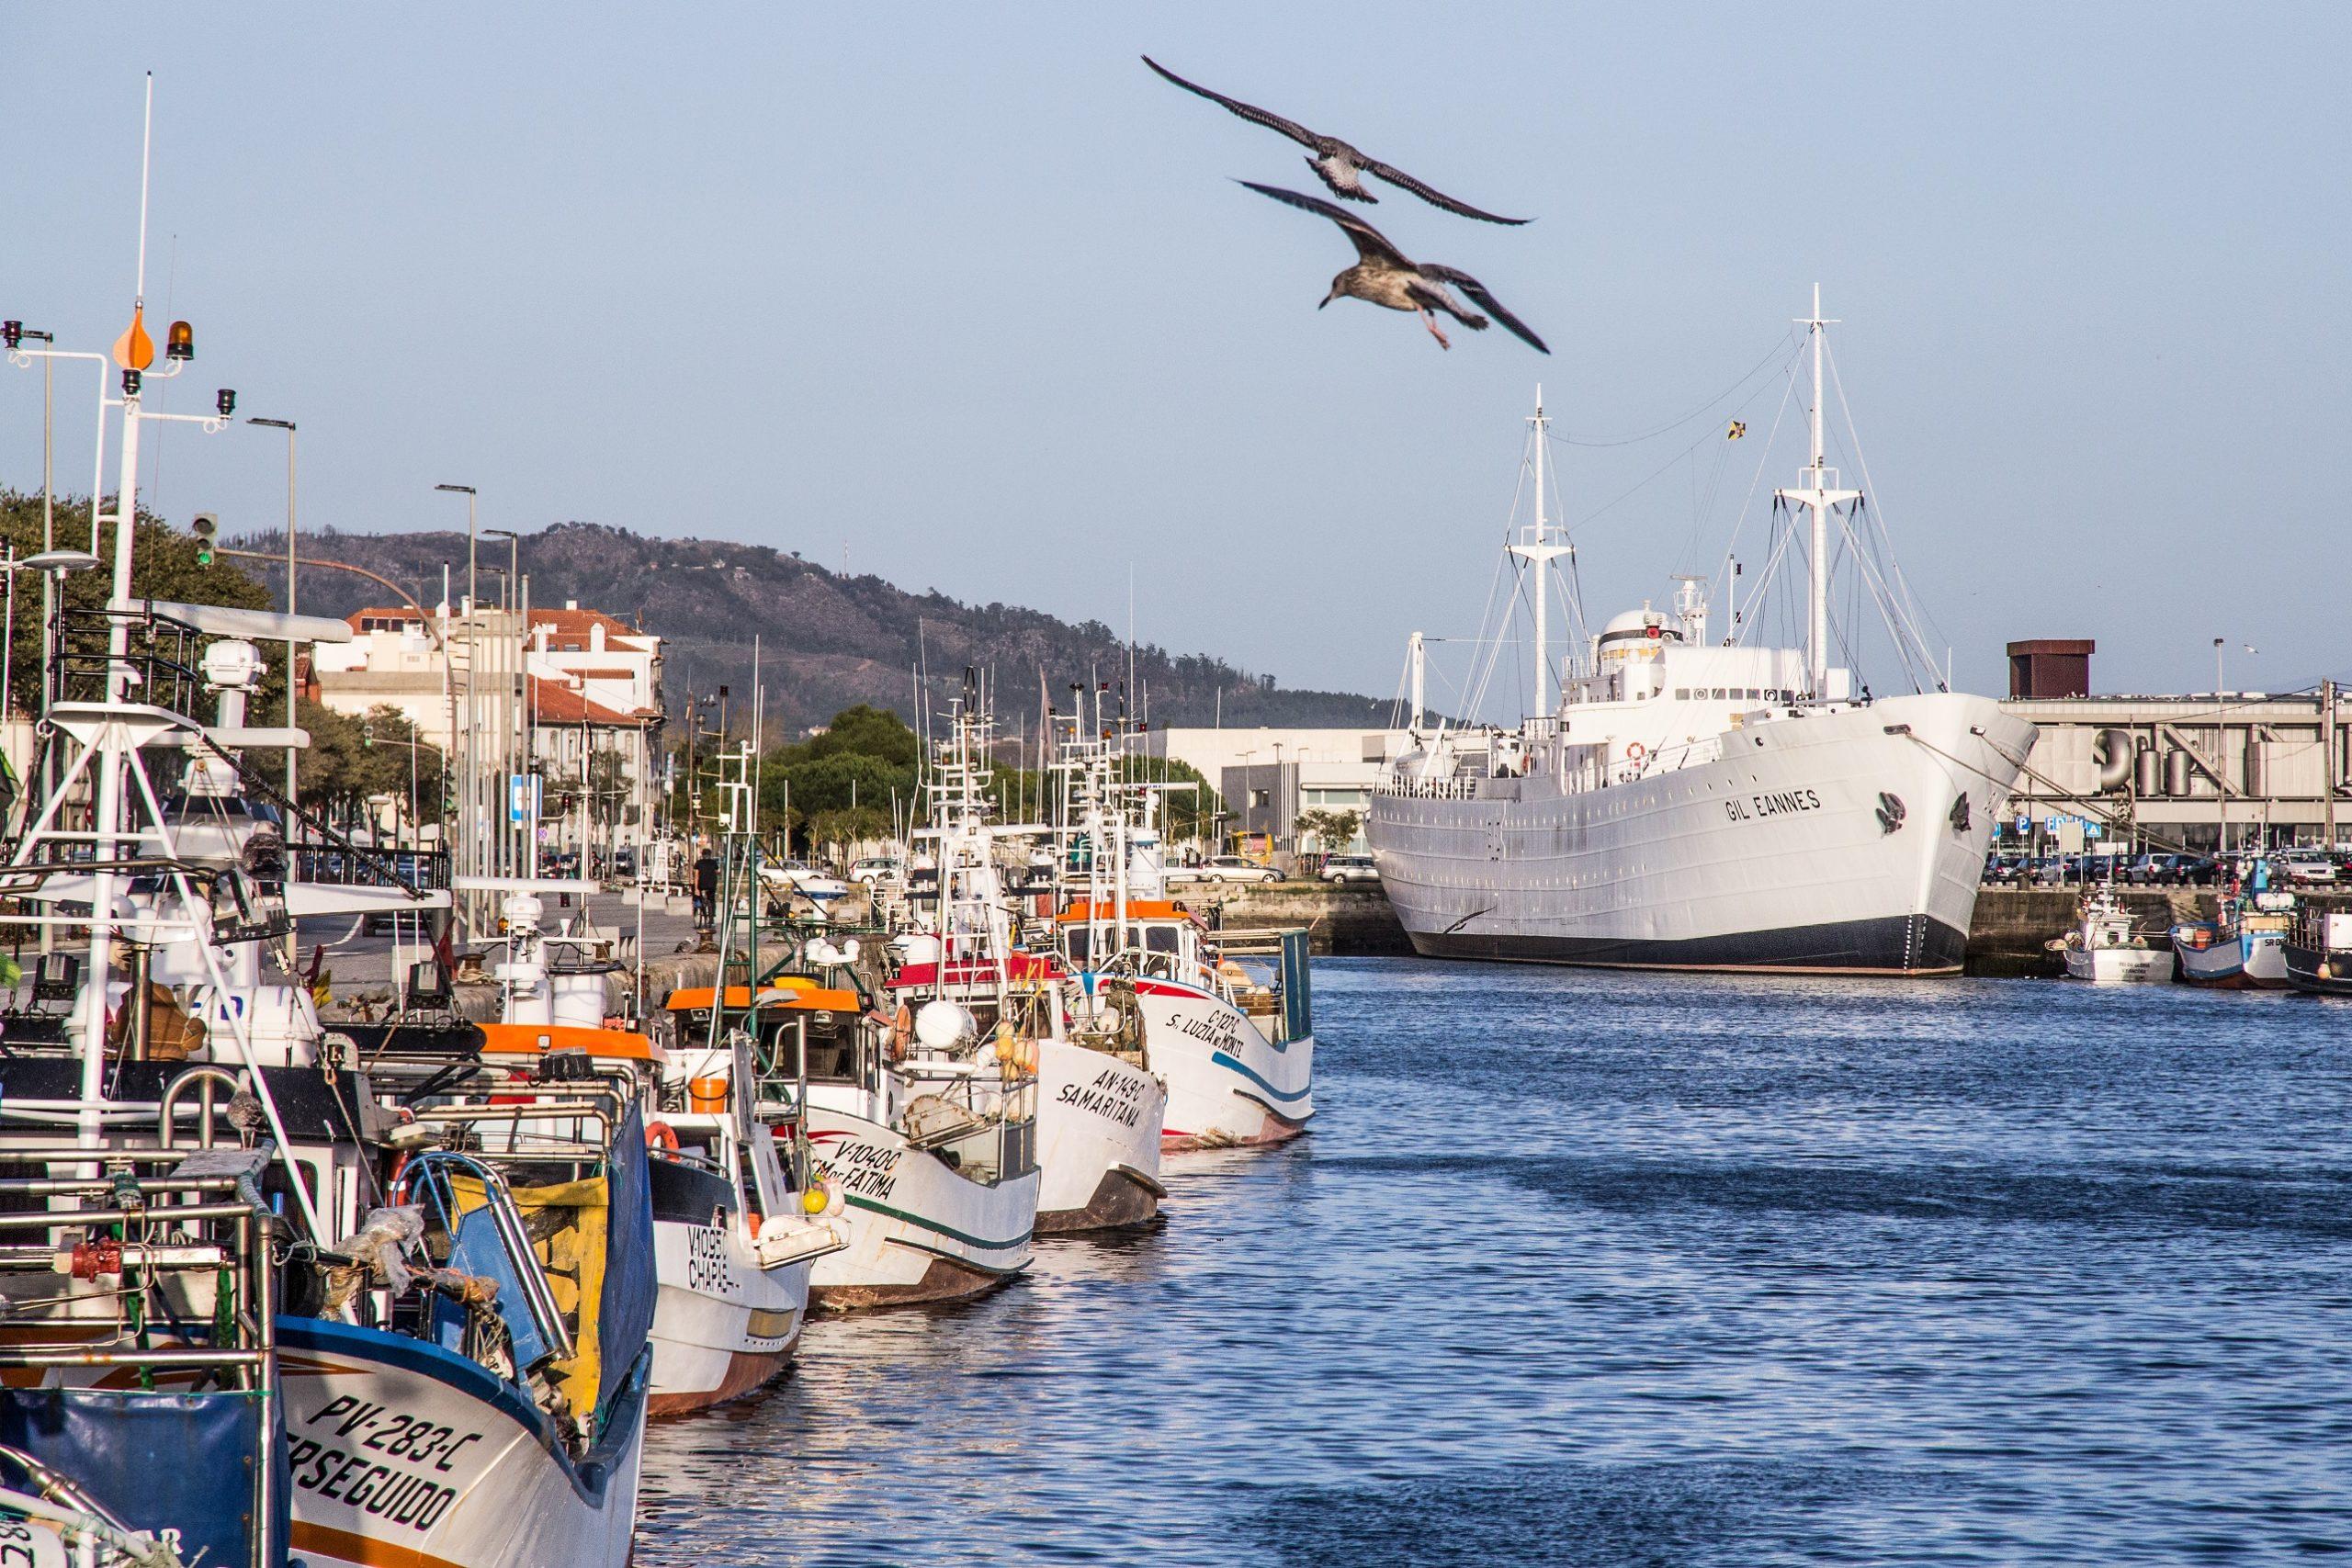 Museu Virtual da Memória Marítima está a ser instalado no Centro de Mar do navio Gil Eannes